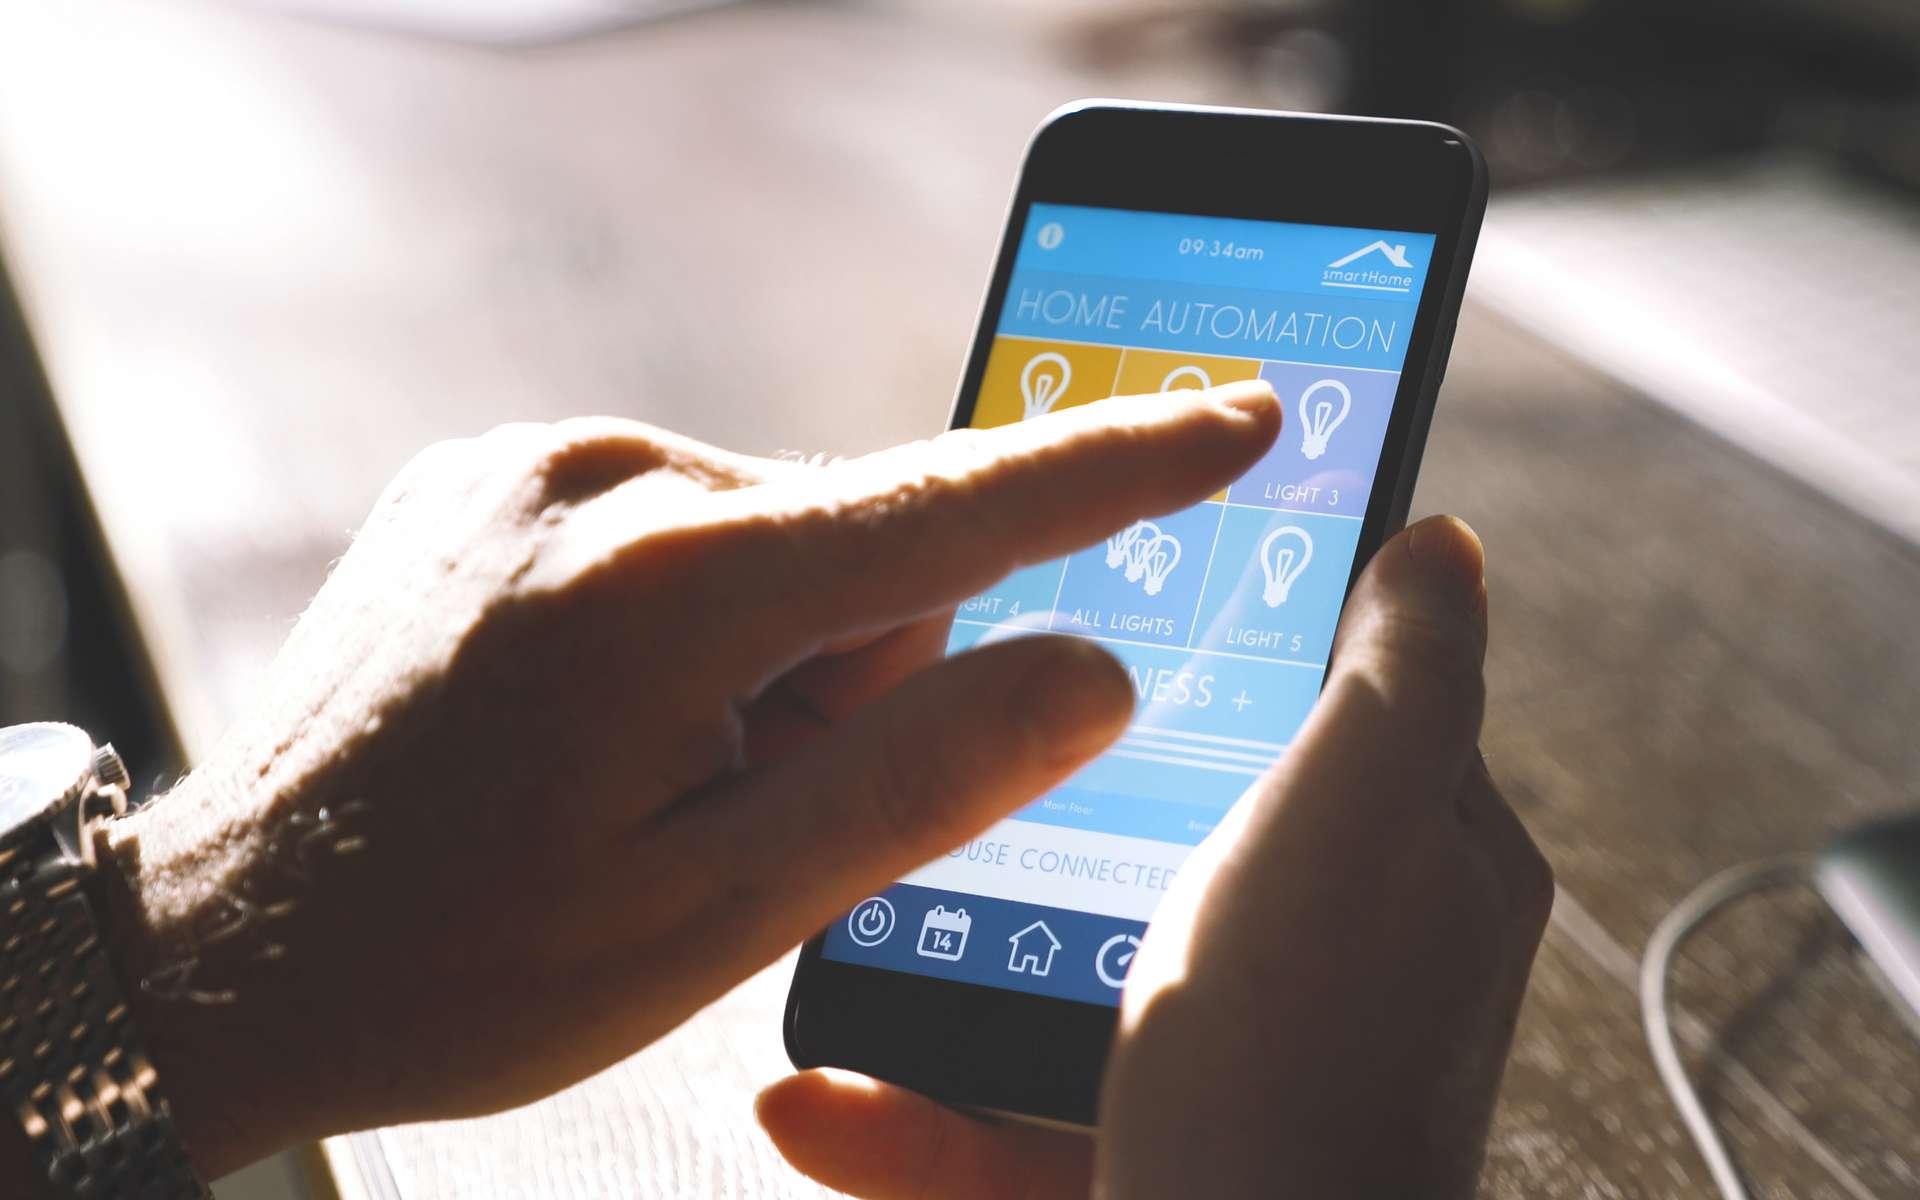 Un smartphone, une application dédiée suffisent pour gérer à distance l'éclairage de la maison, réguler la température d'une pièce ou entretenir le jardin. Au quotidien, la domotique permet d'automatiser certaines tâches et de profiter de ce temps gagné pour les loisirs. © AA+W, Adobe stock